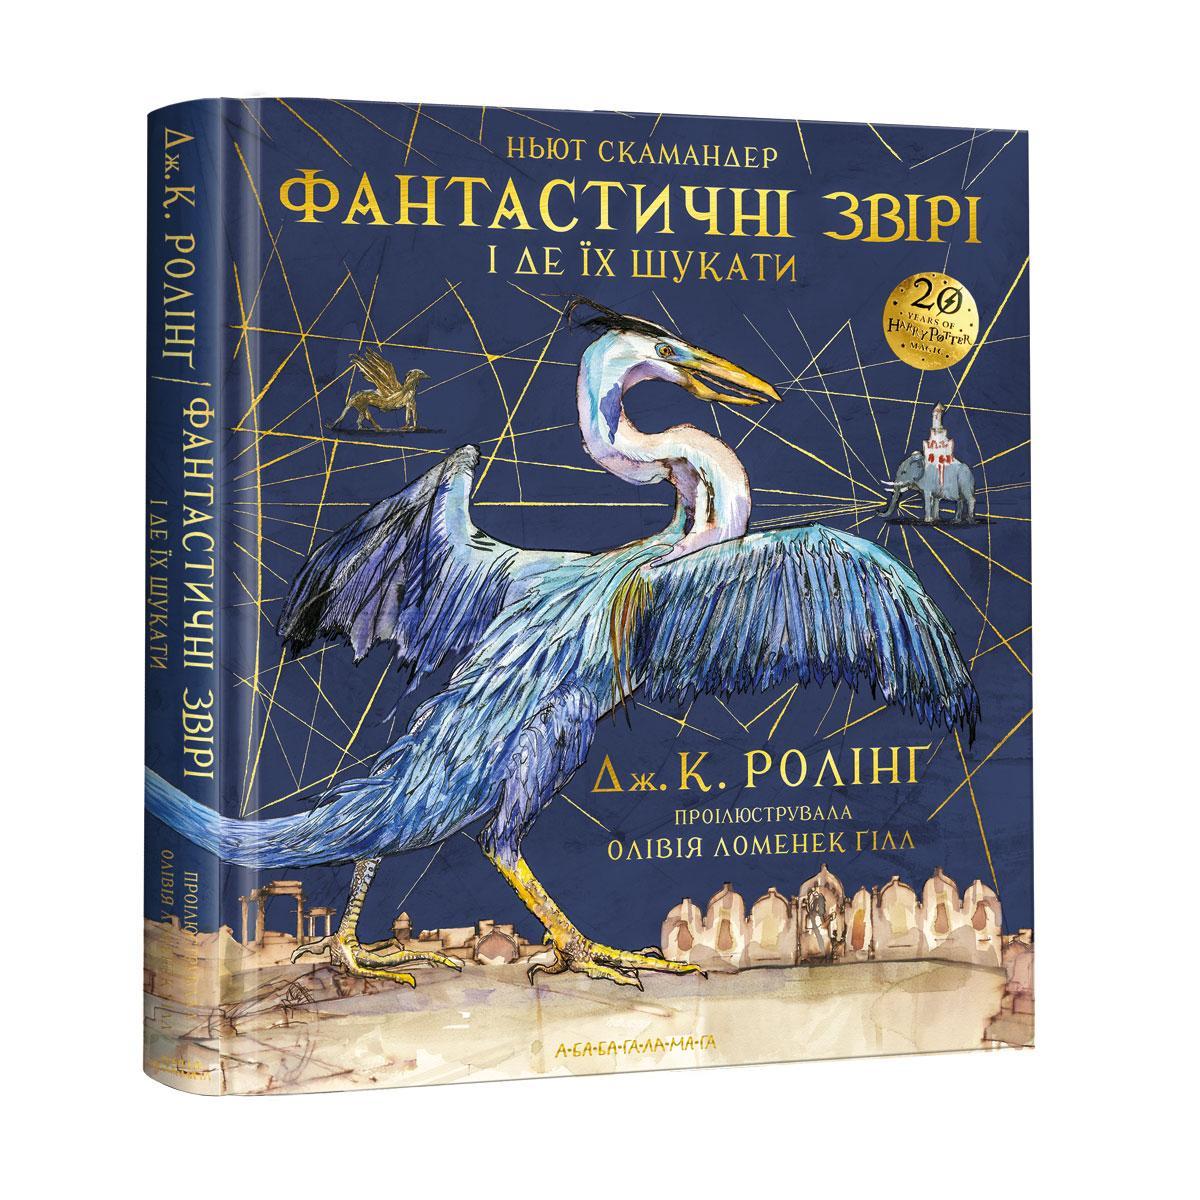 Книга «Фантастичні звірі і де їх шукати». ВЕЛИКЕ ІЛЮСТРОВАНЕ ВИДАННЯ»